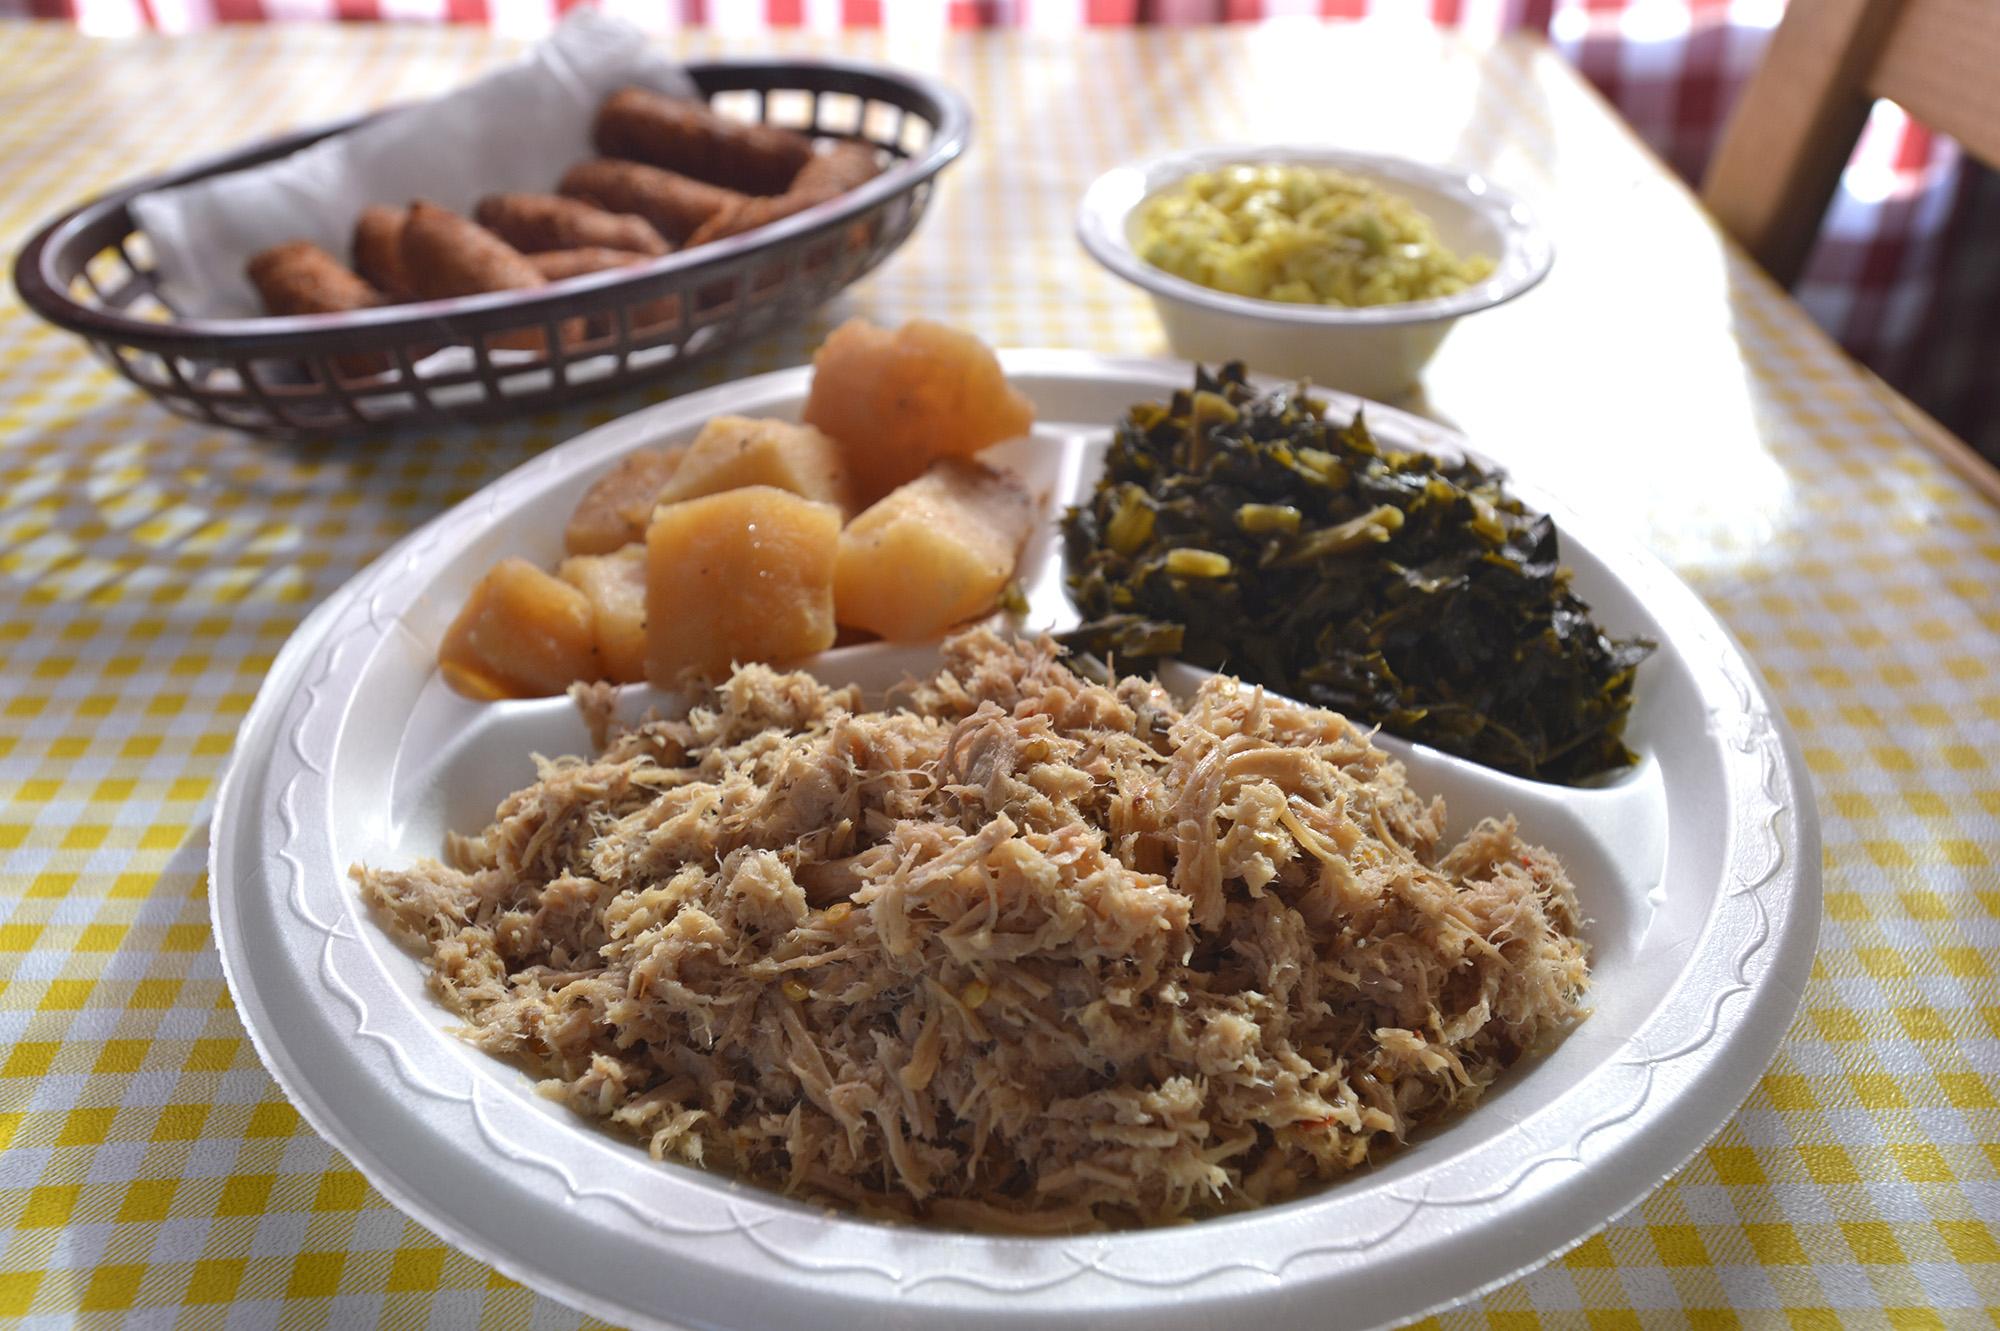 spoons hi res plate 4.JPG